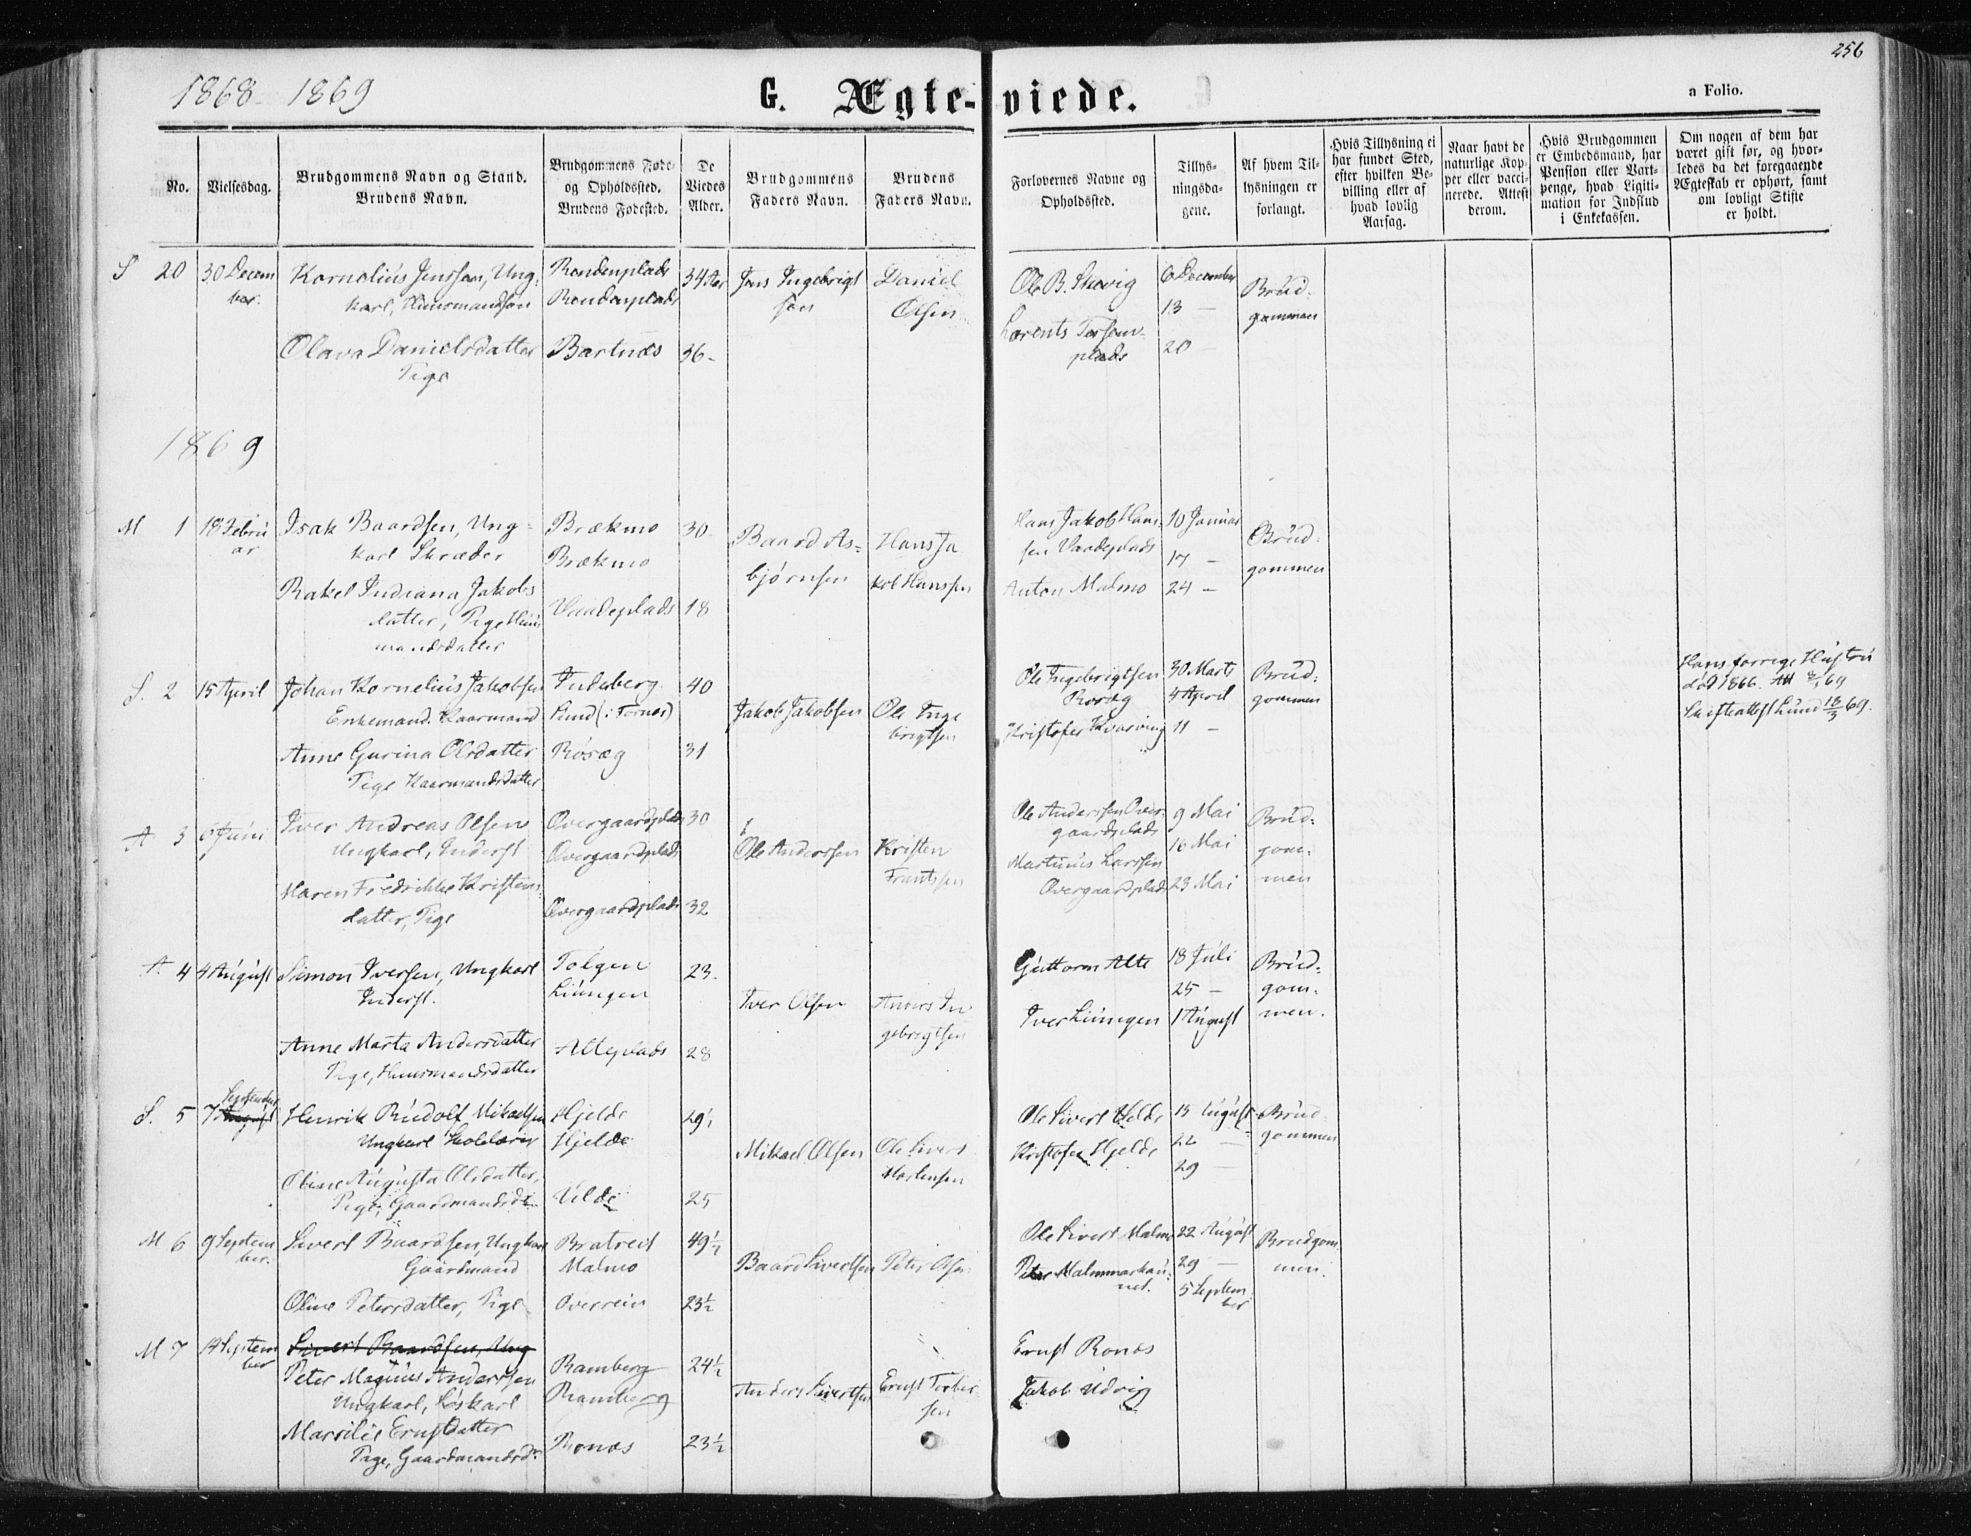 SAT, Ministerialprotokoller, klokkerbøker og fødselsregistre - Nord-Trøndelag, 741/L0394: Ministerialbok nr. 741A08, 1864-1877, s. 256